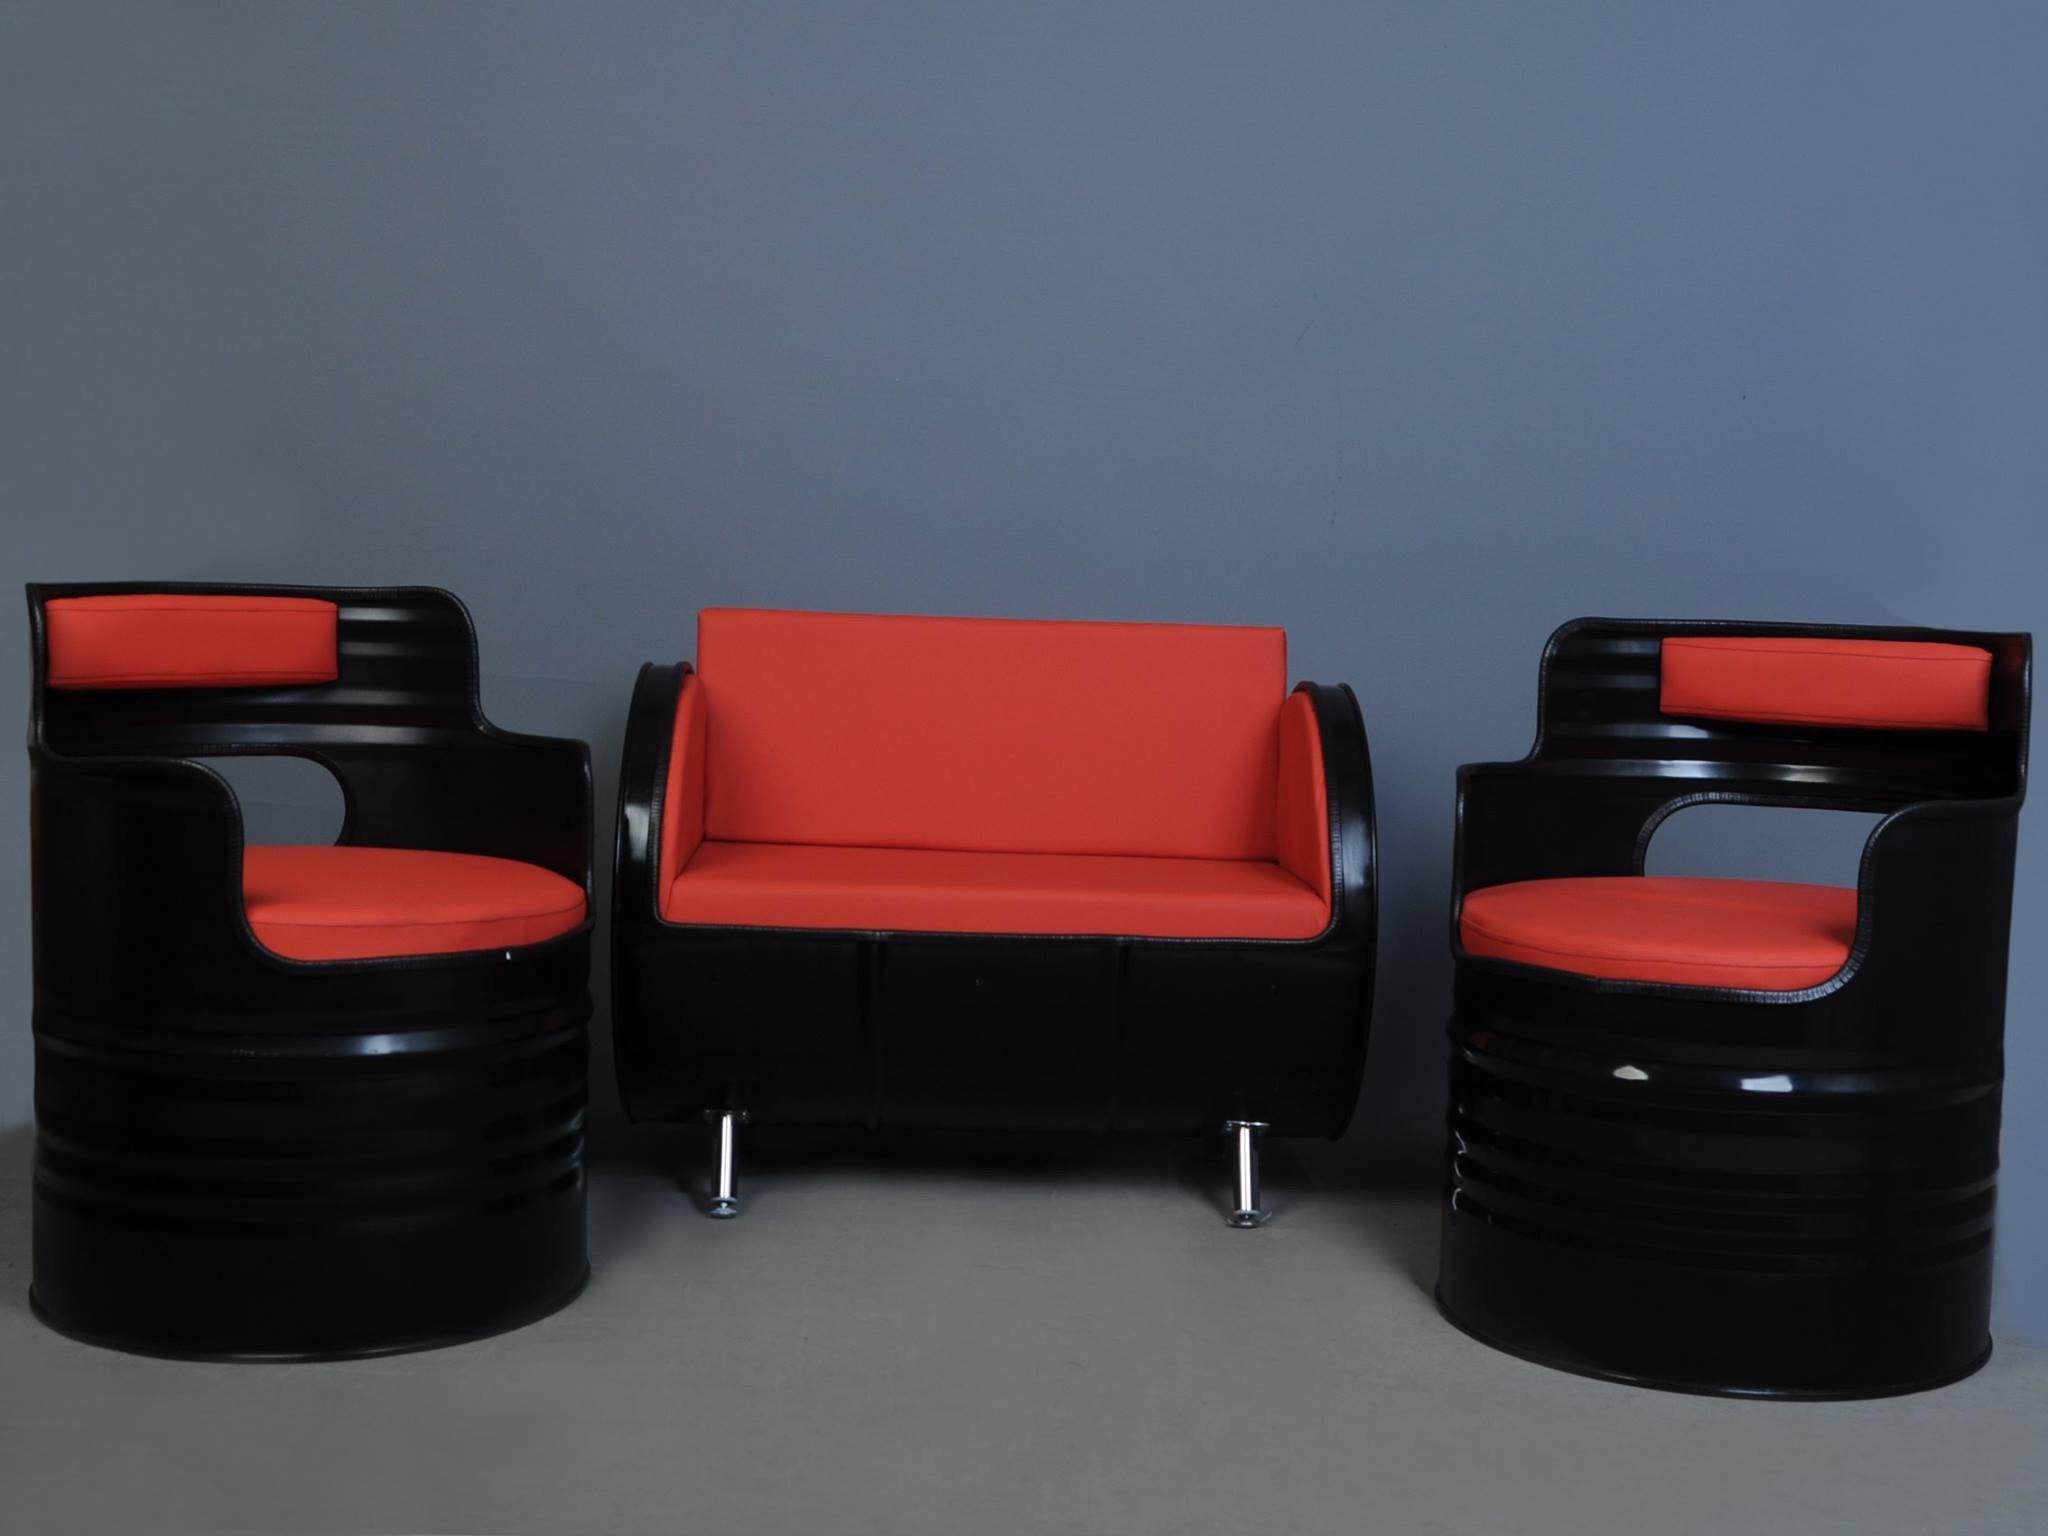 pin von savan bisercic auf bs bauunternehmen pinterest auto m bel fass und m bel. Black Bedroom Furniture Sets. Home Design Ideas